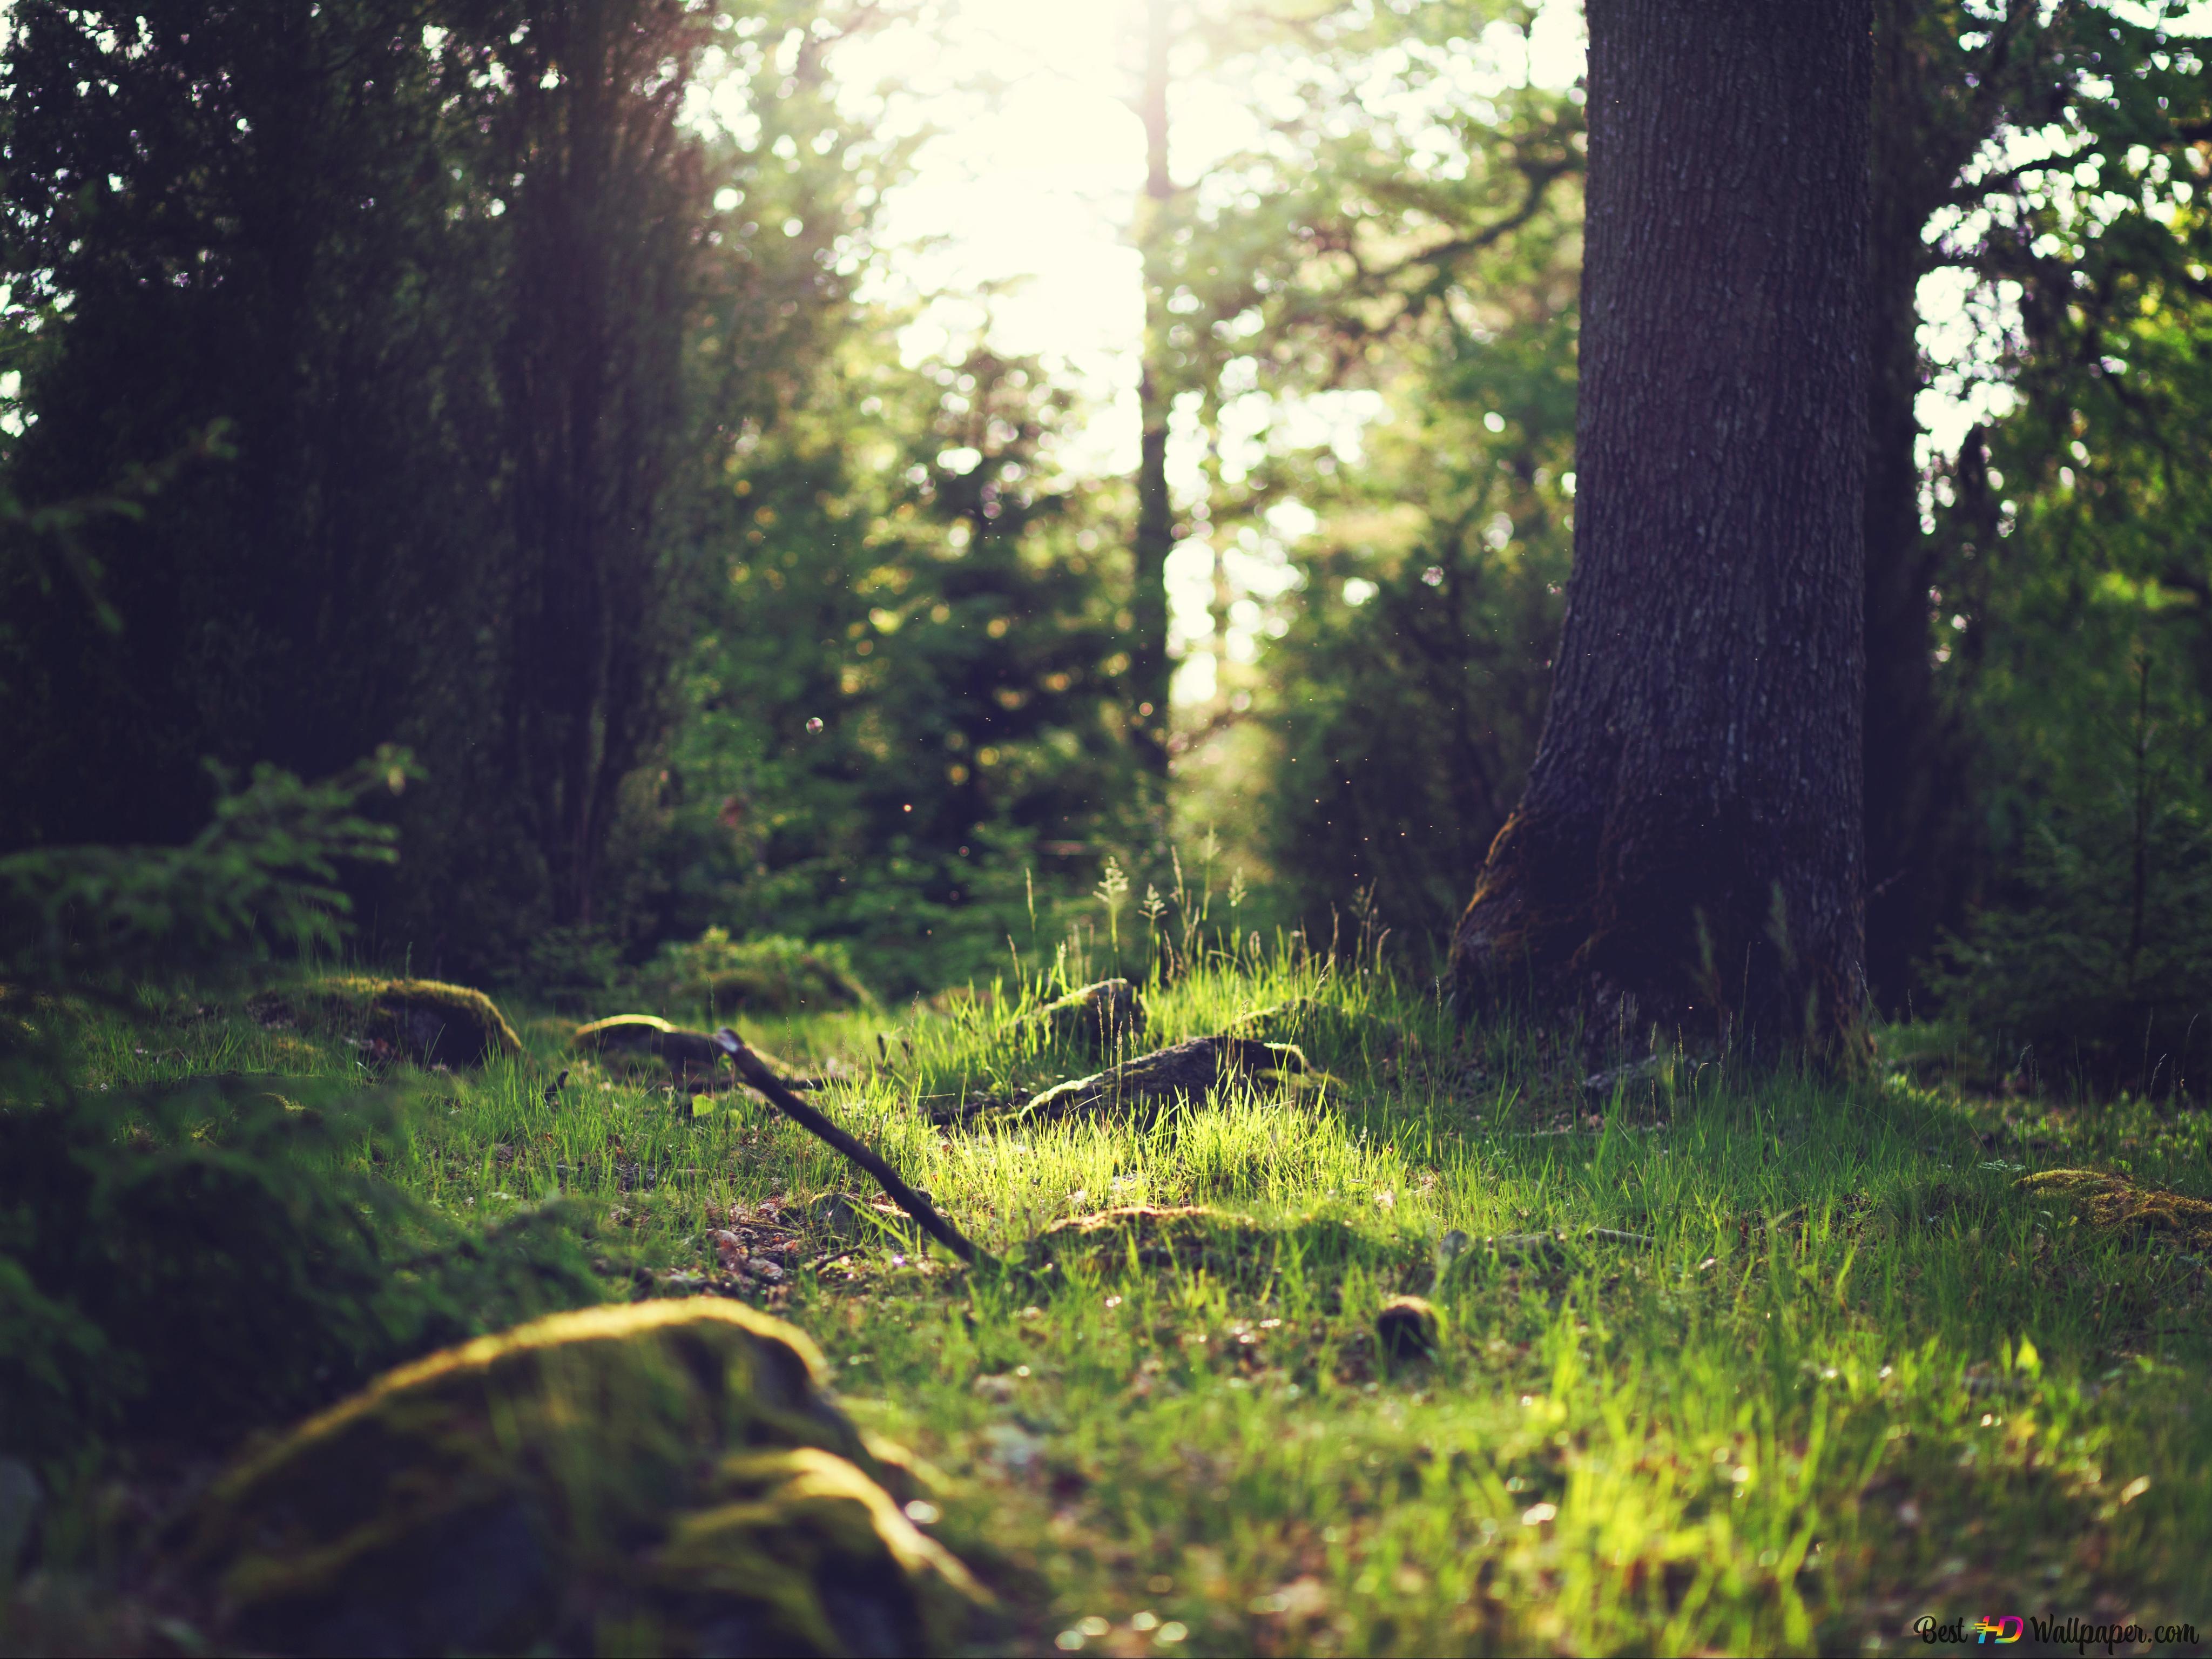 foto de fond de paysage de forêt verte HD fond d'écran télécharger